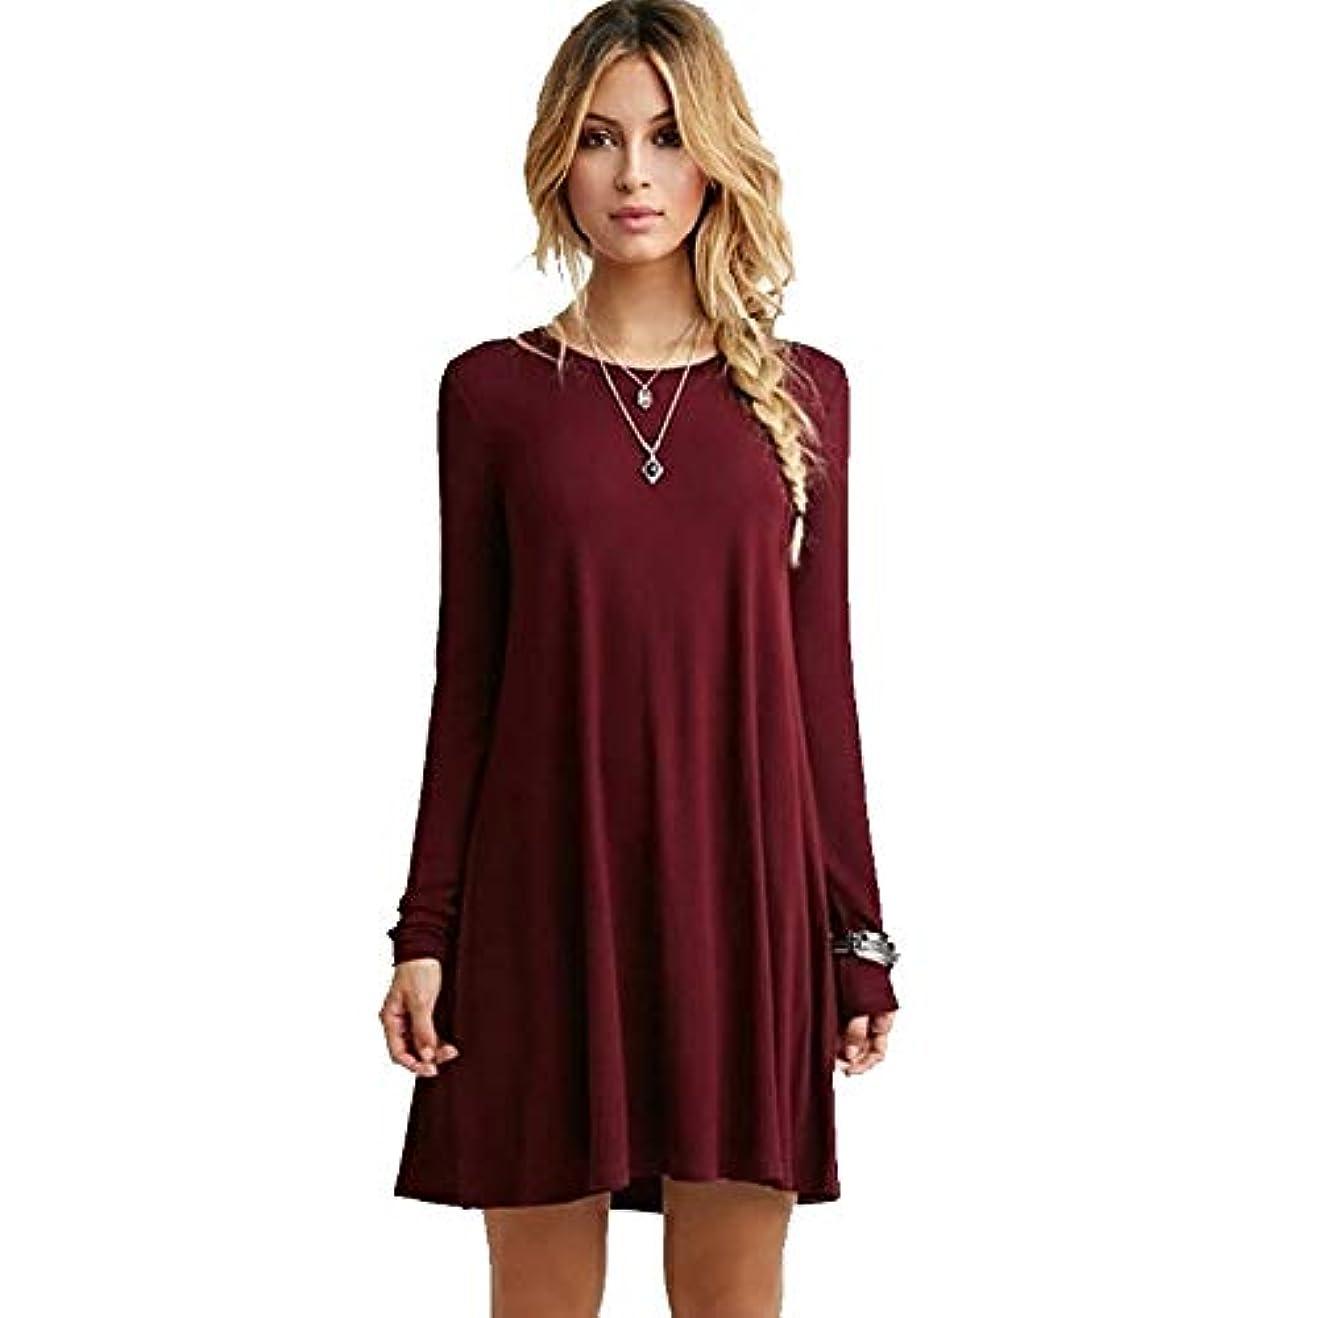 メッセンジャー発表とティームMIFANルースドレス、プラスサイズのドレス、長袖のドレス、女性のドレス、秋のドレス、マキシドレス、コットンドレス